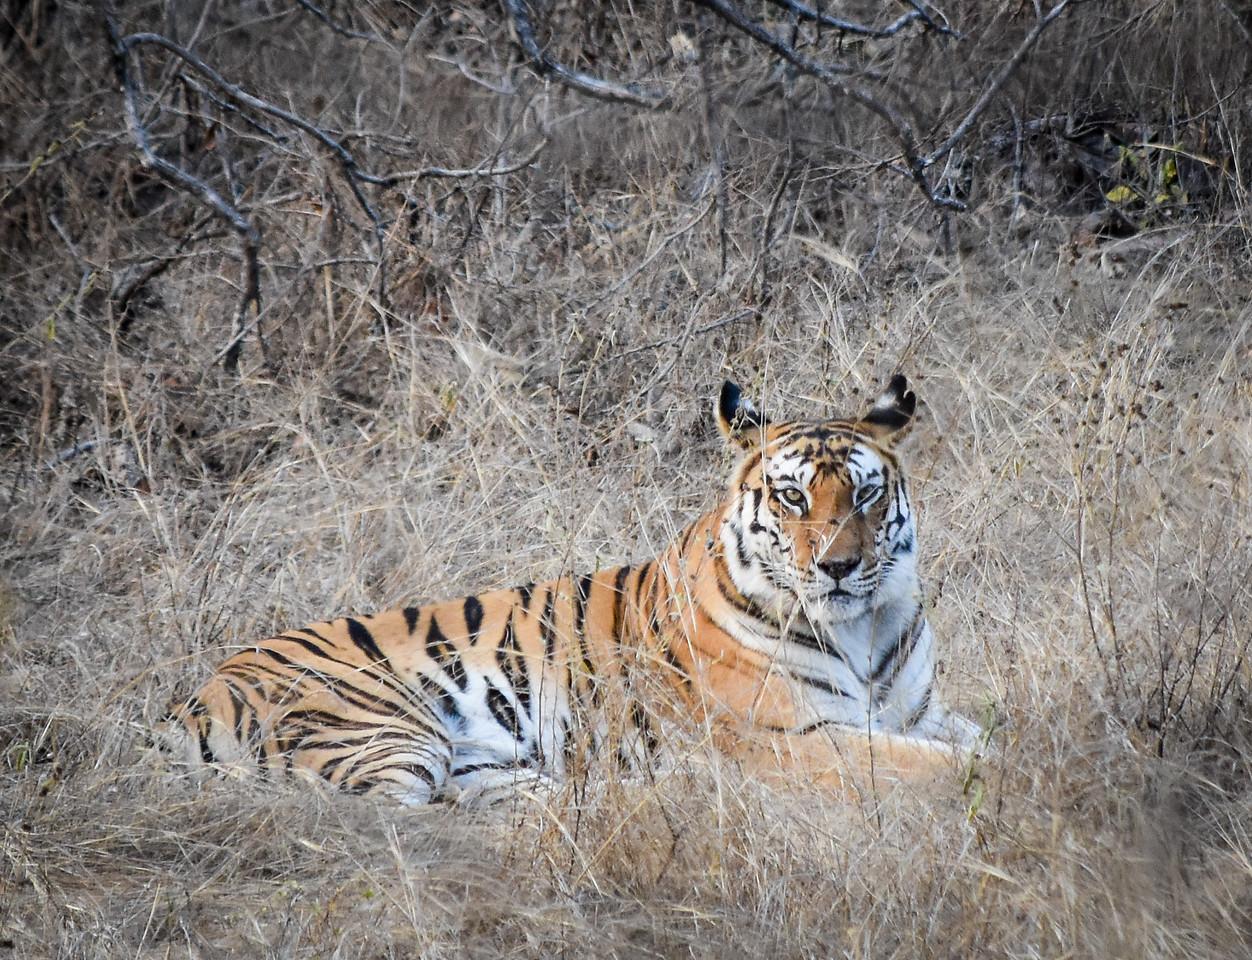 Tiger, Panna National Park